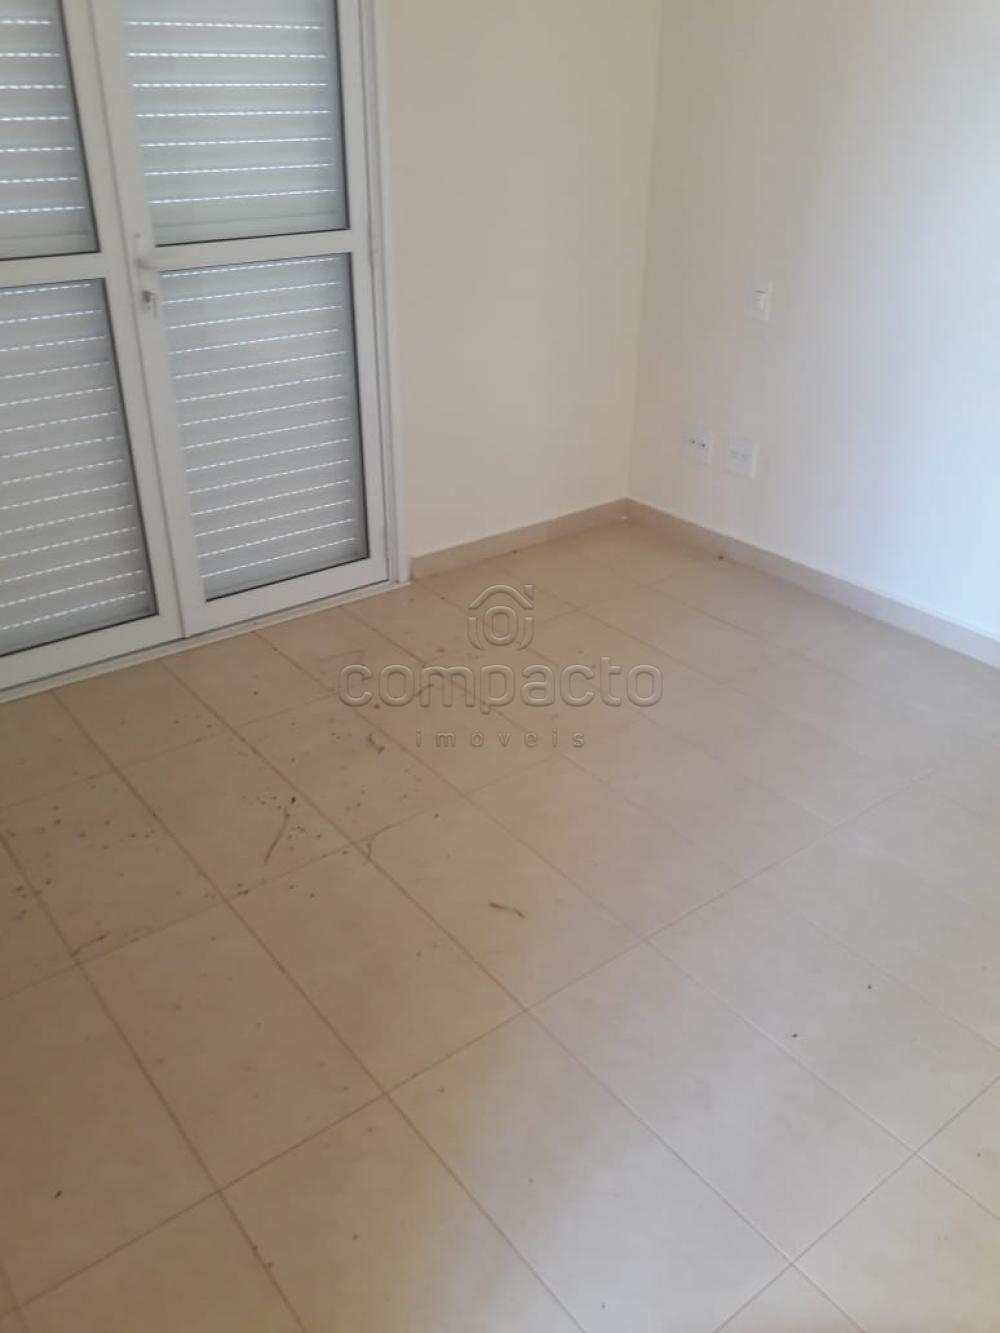 Alugar Casa / Condomínio em São José do Rio Preto apenas R$ 4.500,00 - Foto 14